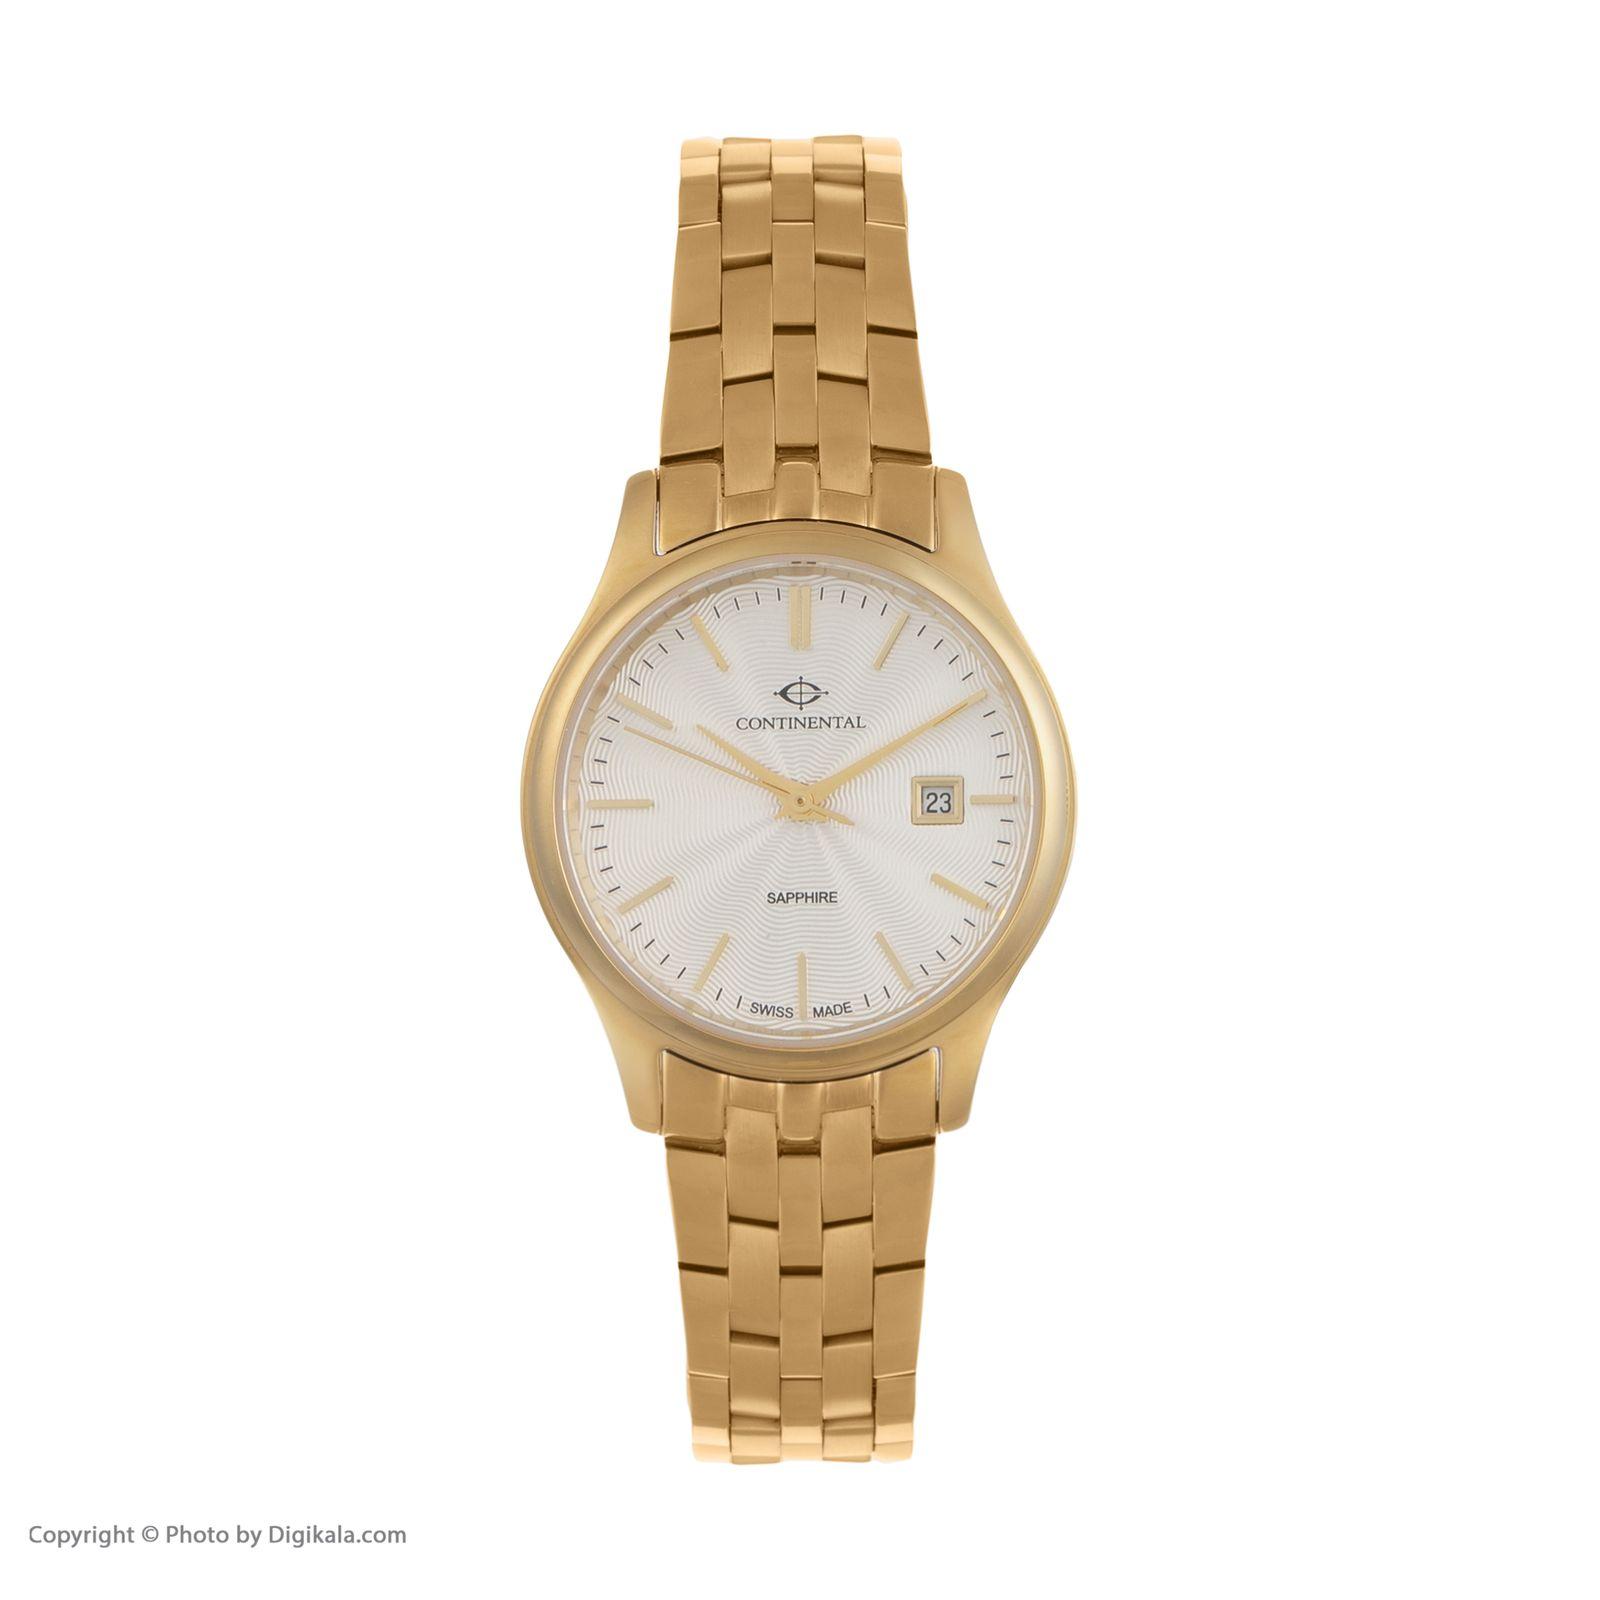 ساعت مچی عقربه ای زنانه کنتیننتال مدل 18102-LD202130 -  - 1